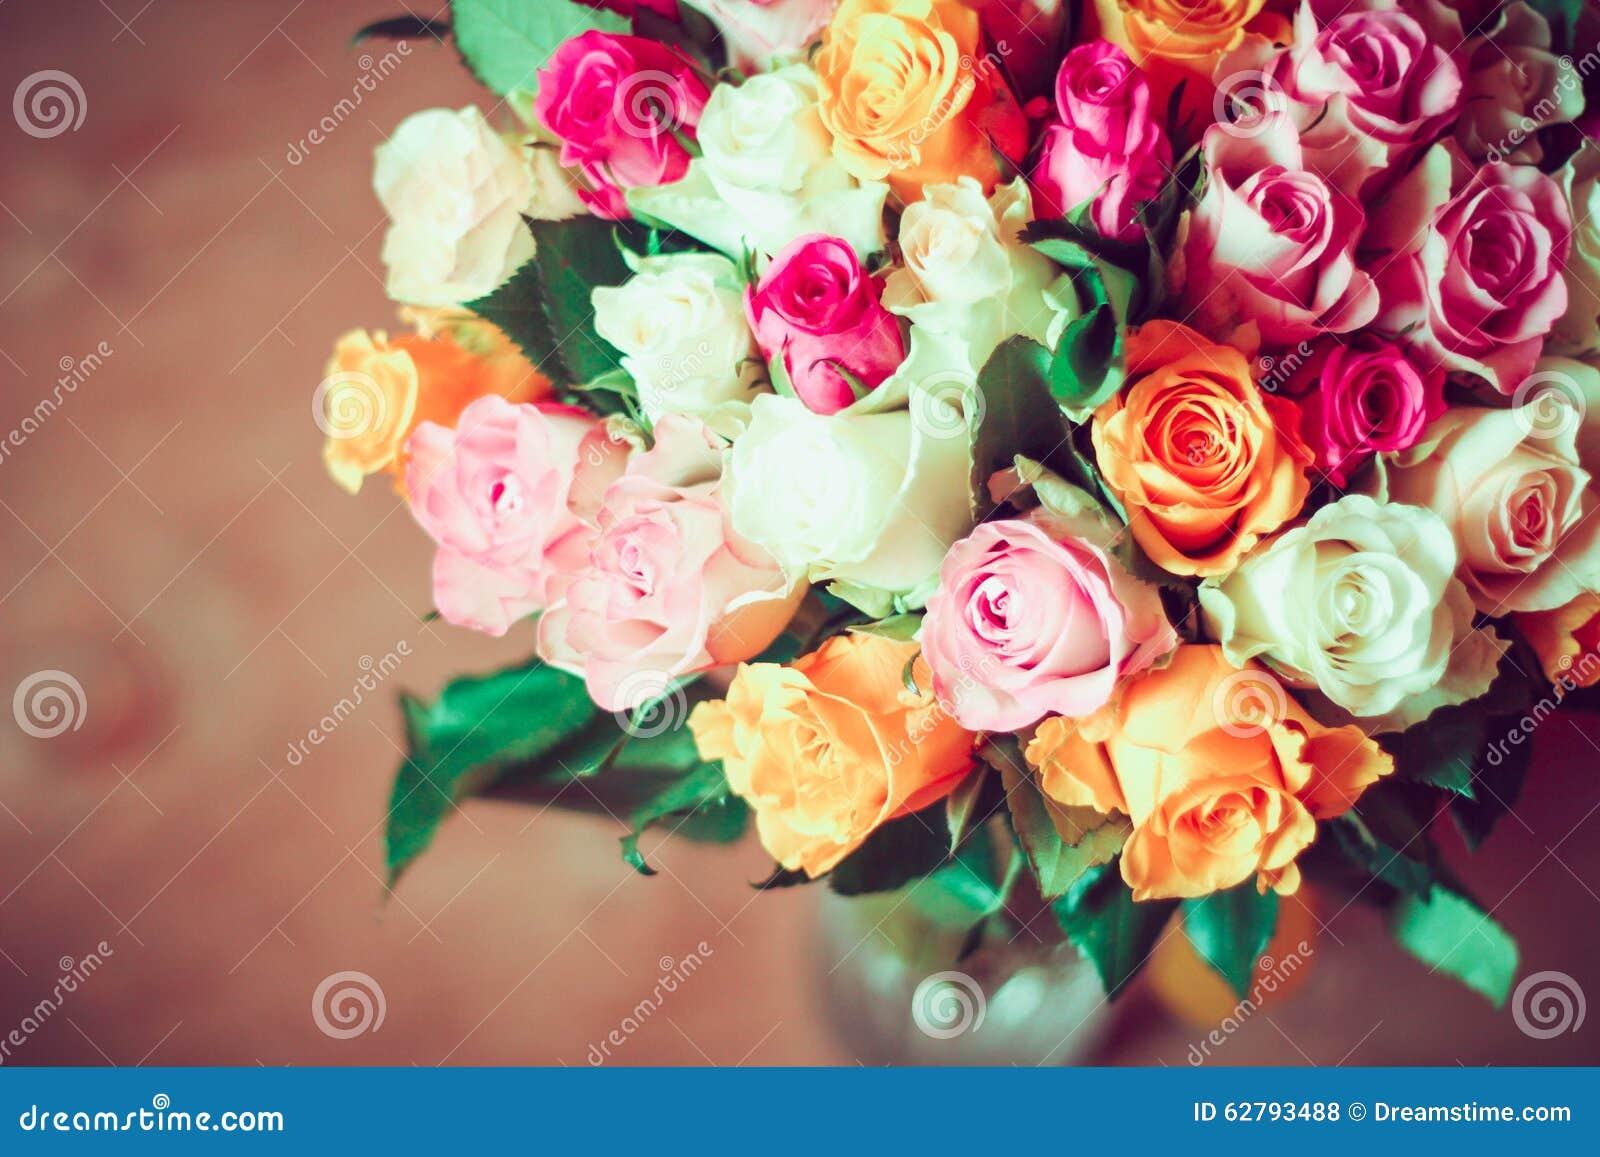 Rosas en florero transparente